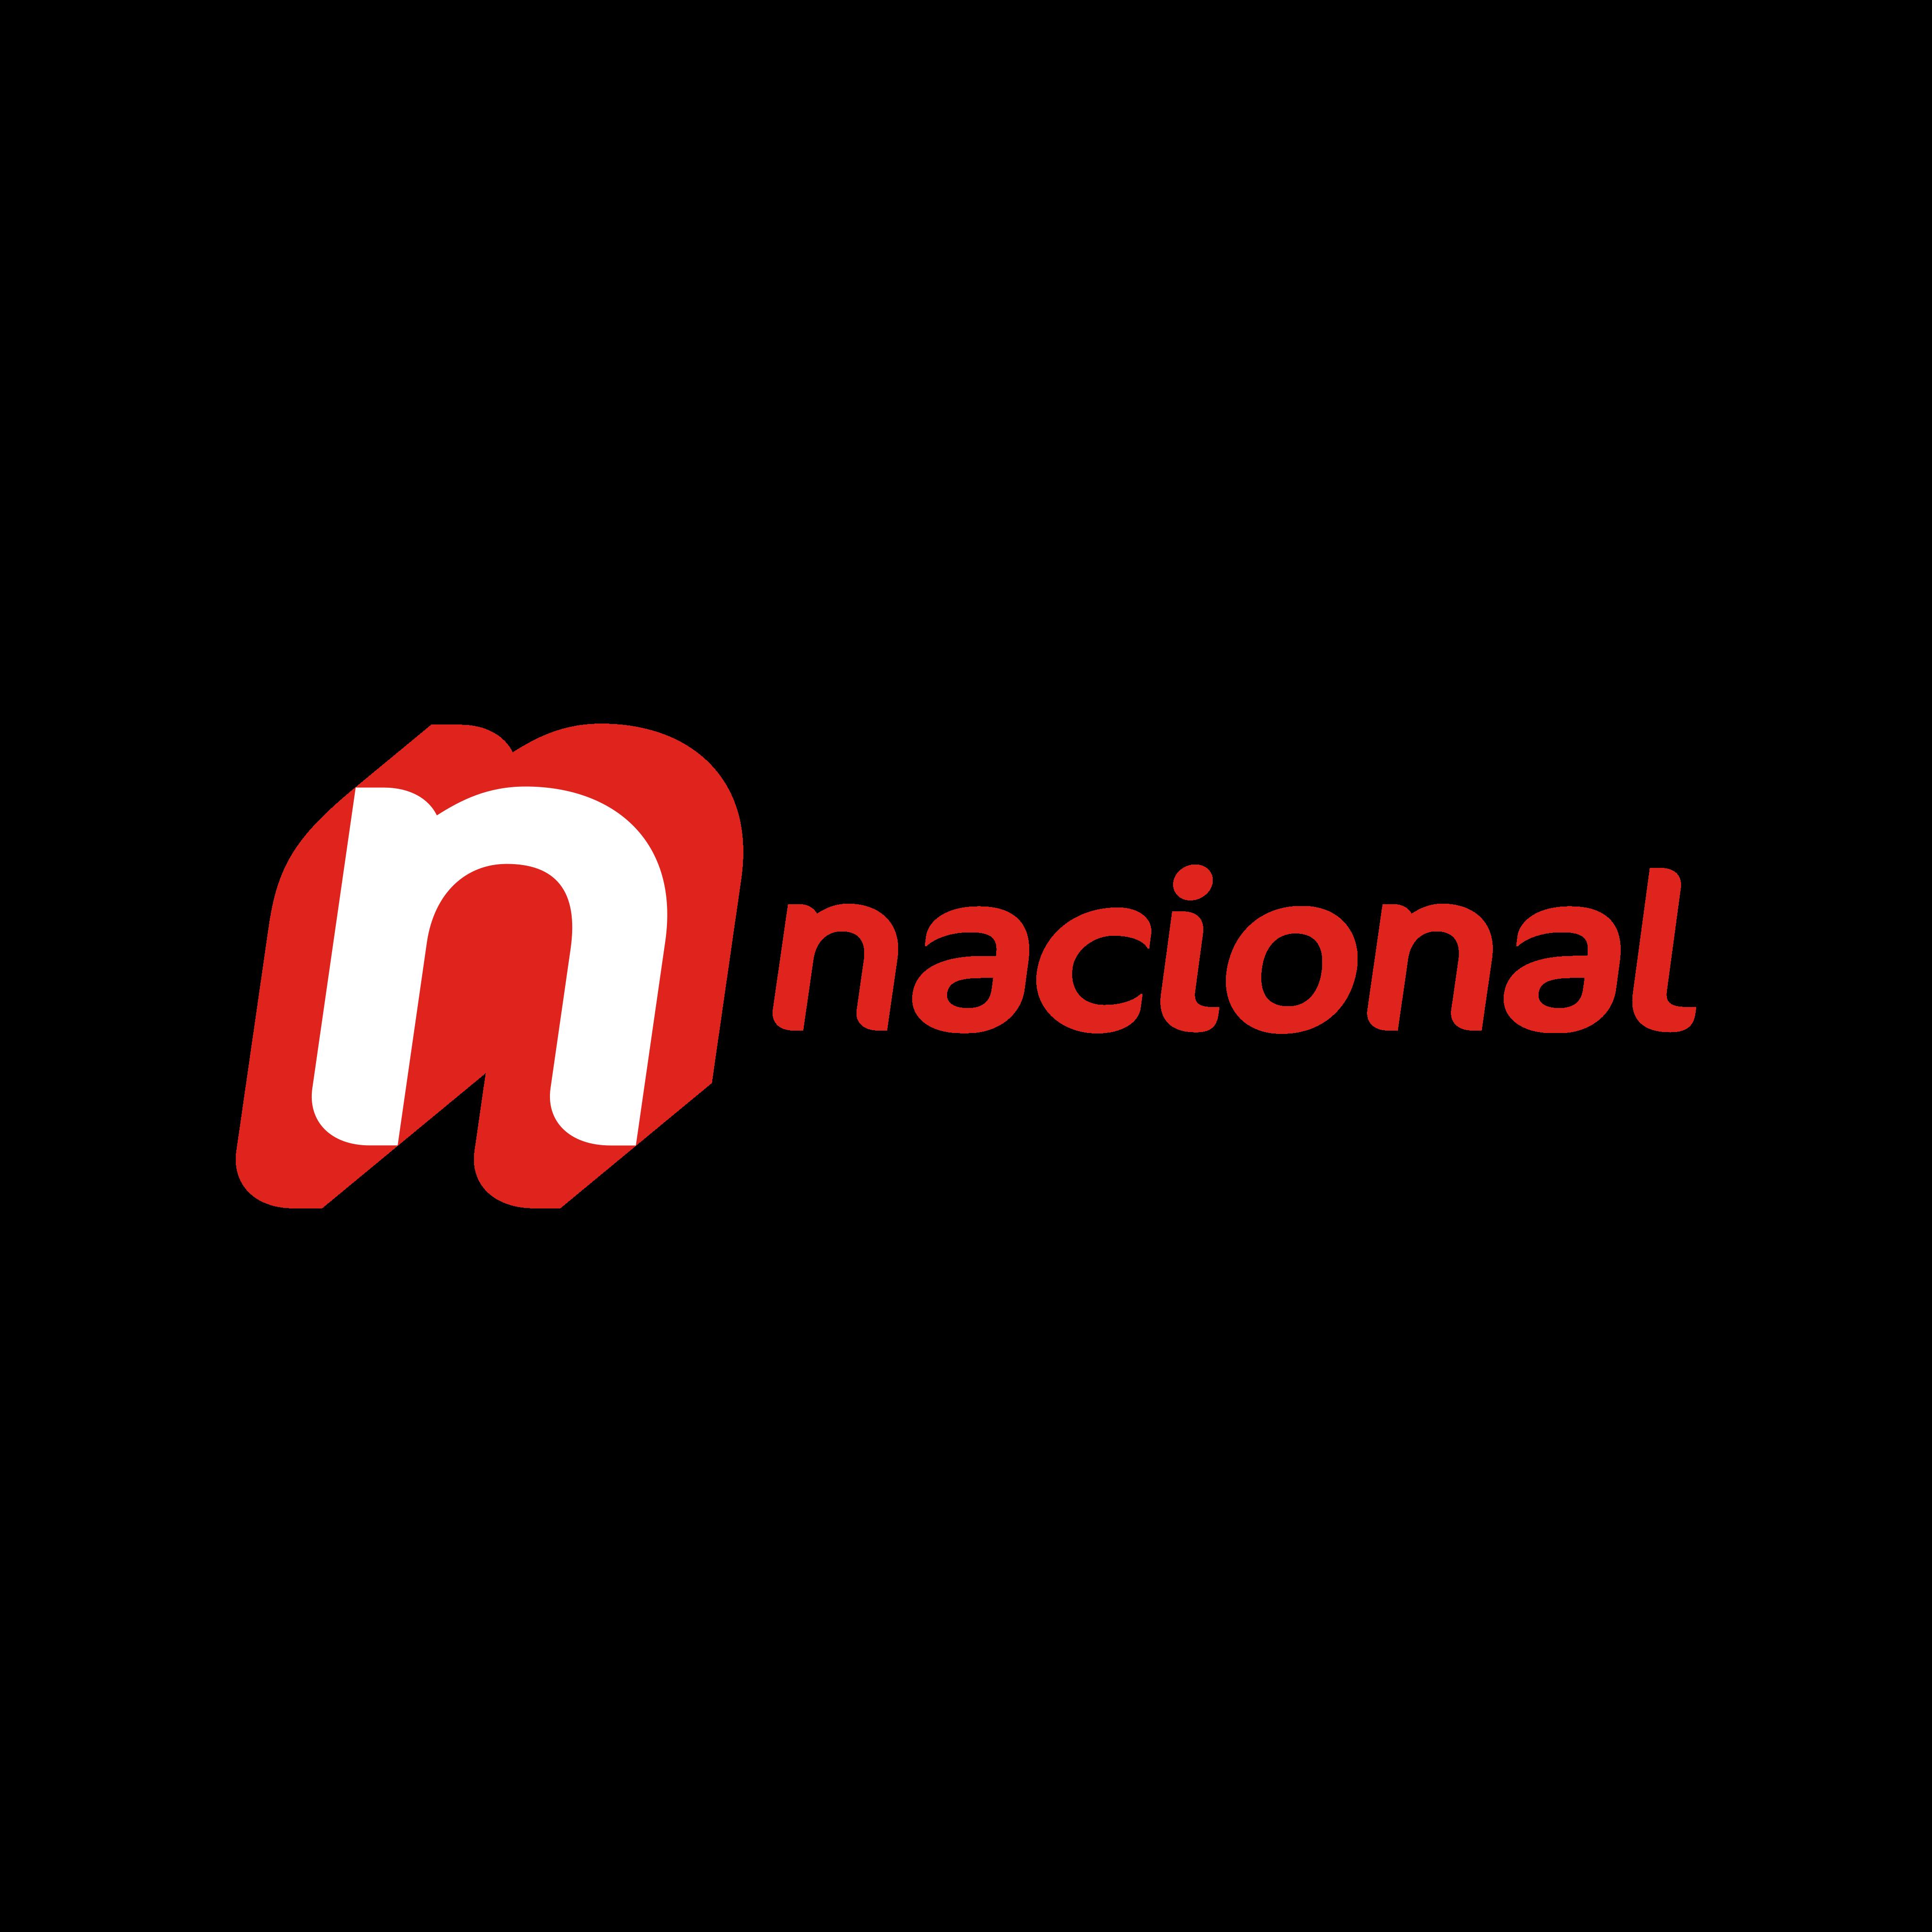 supermercado nacional logo 0 - Supermercado Nacional Logo